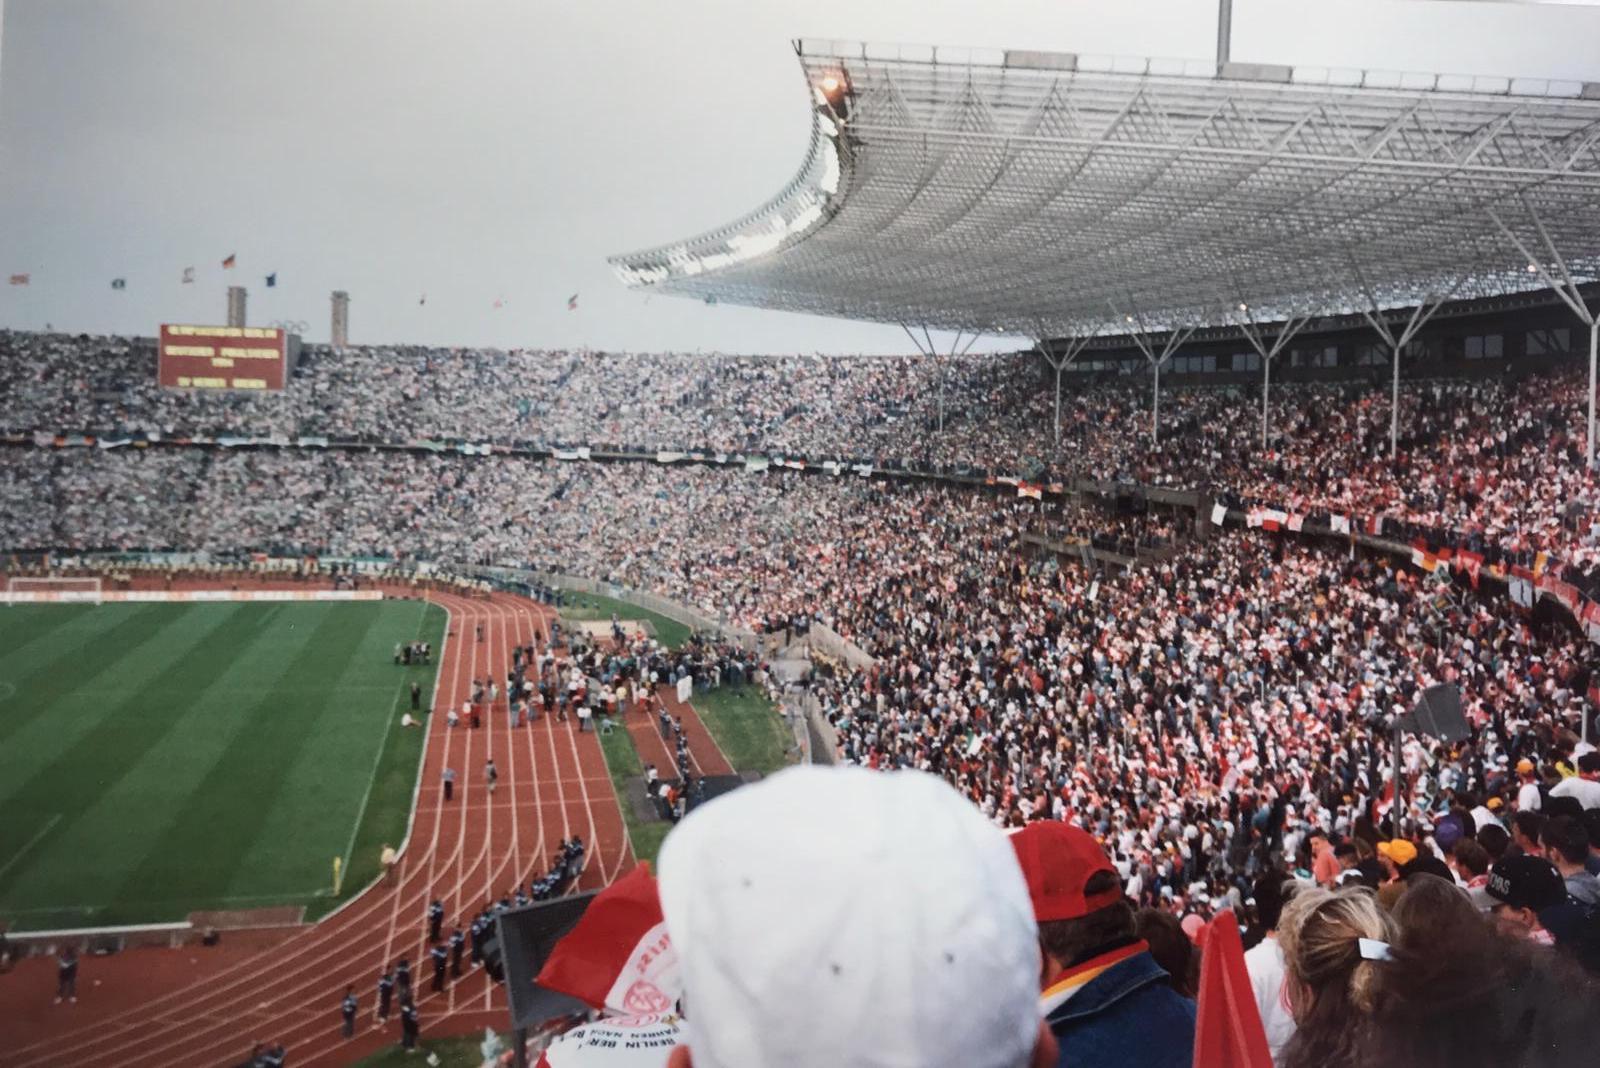 Volle Hütte! Das Olympiastadion am Endspieltag. (Fotos: privat)